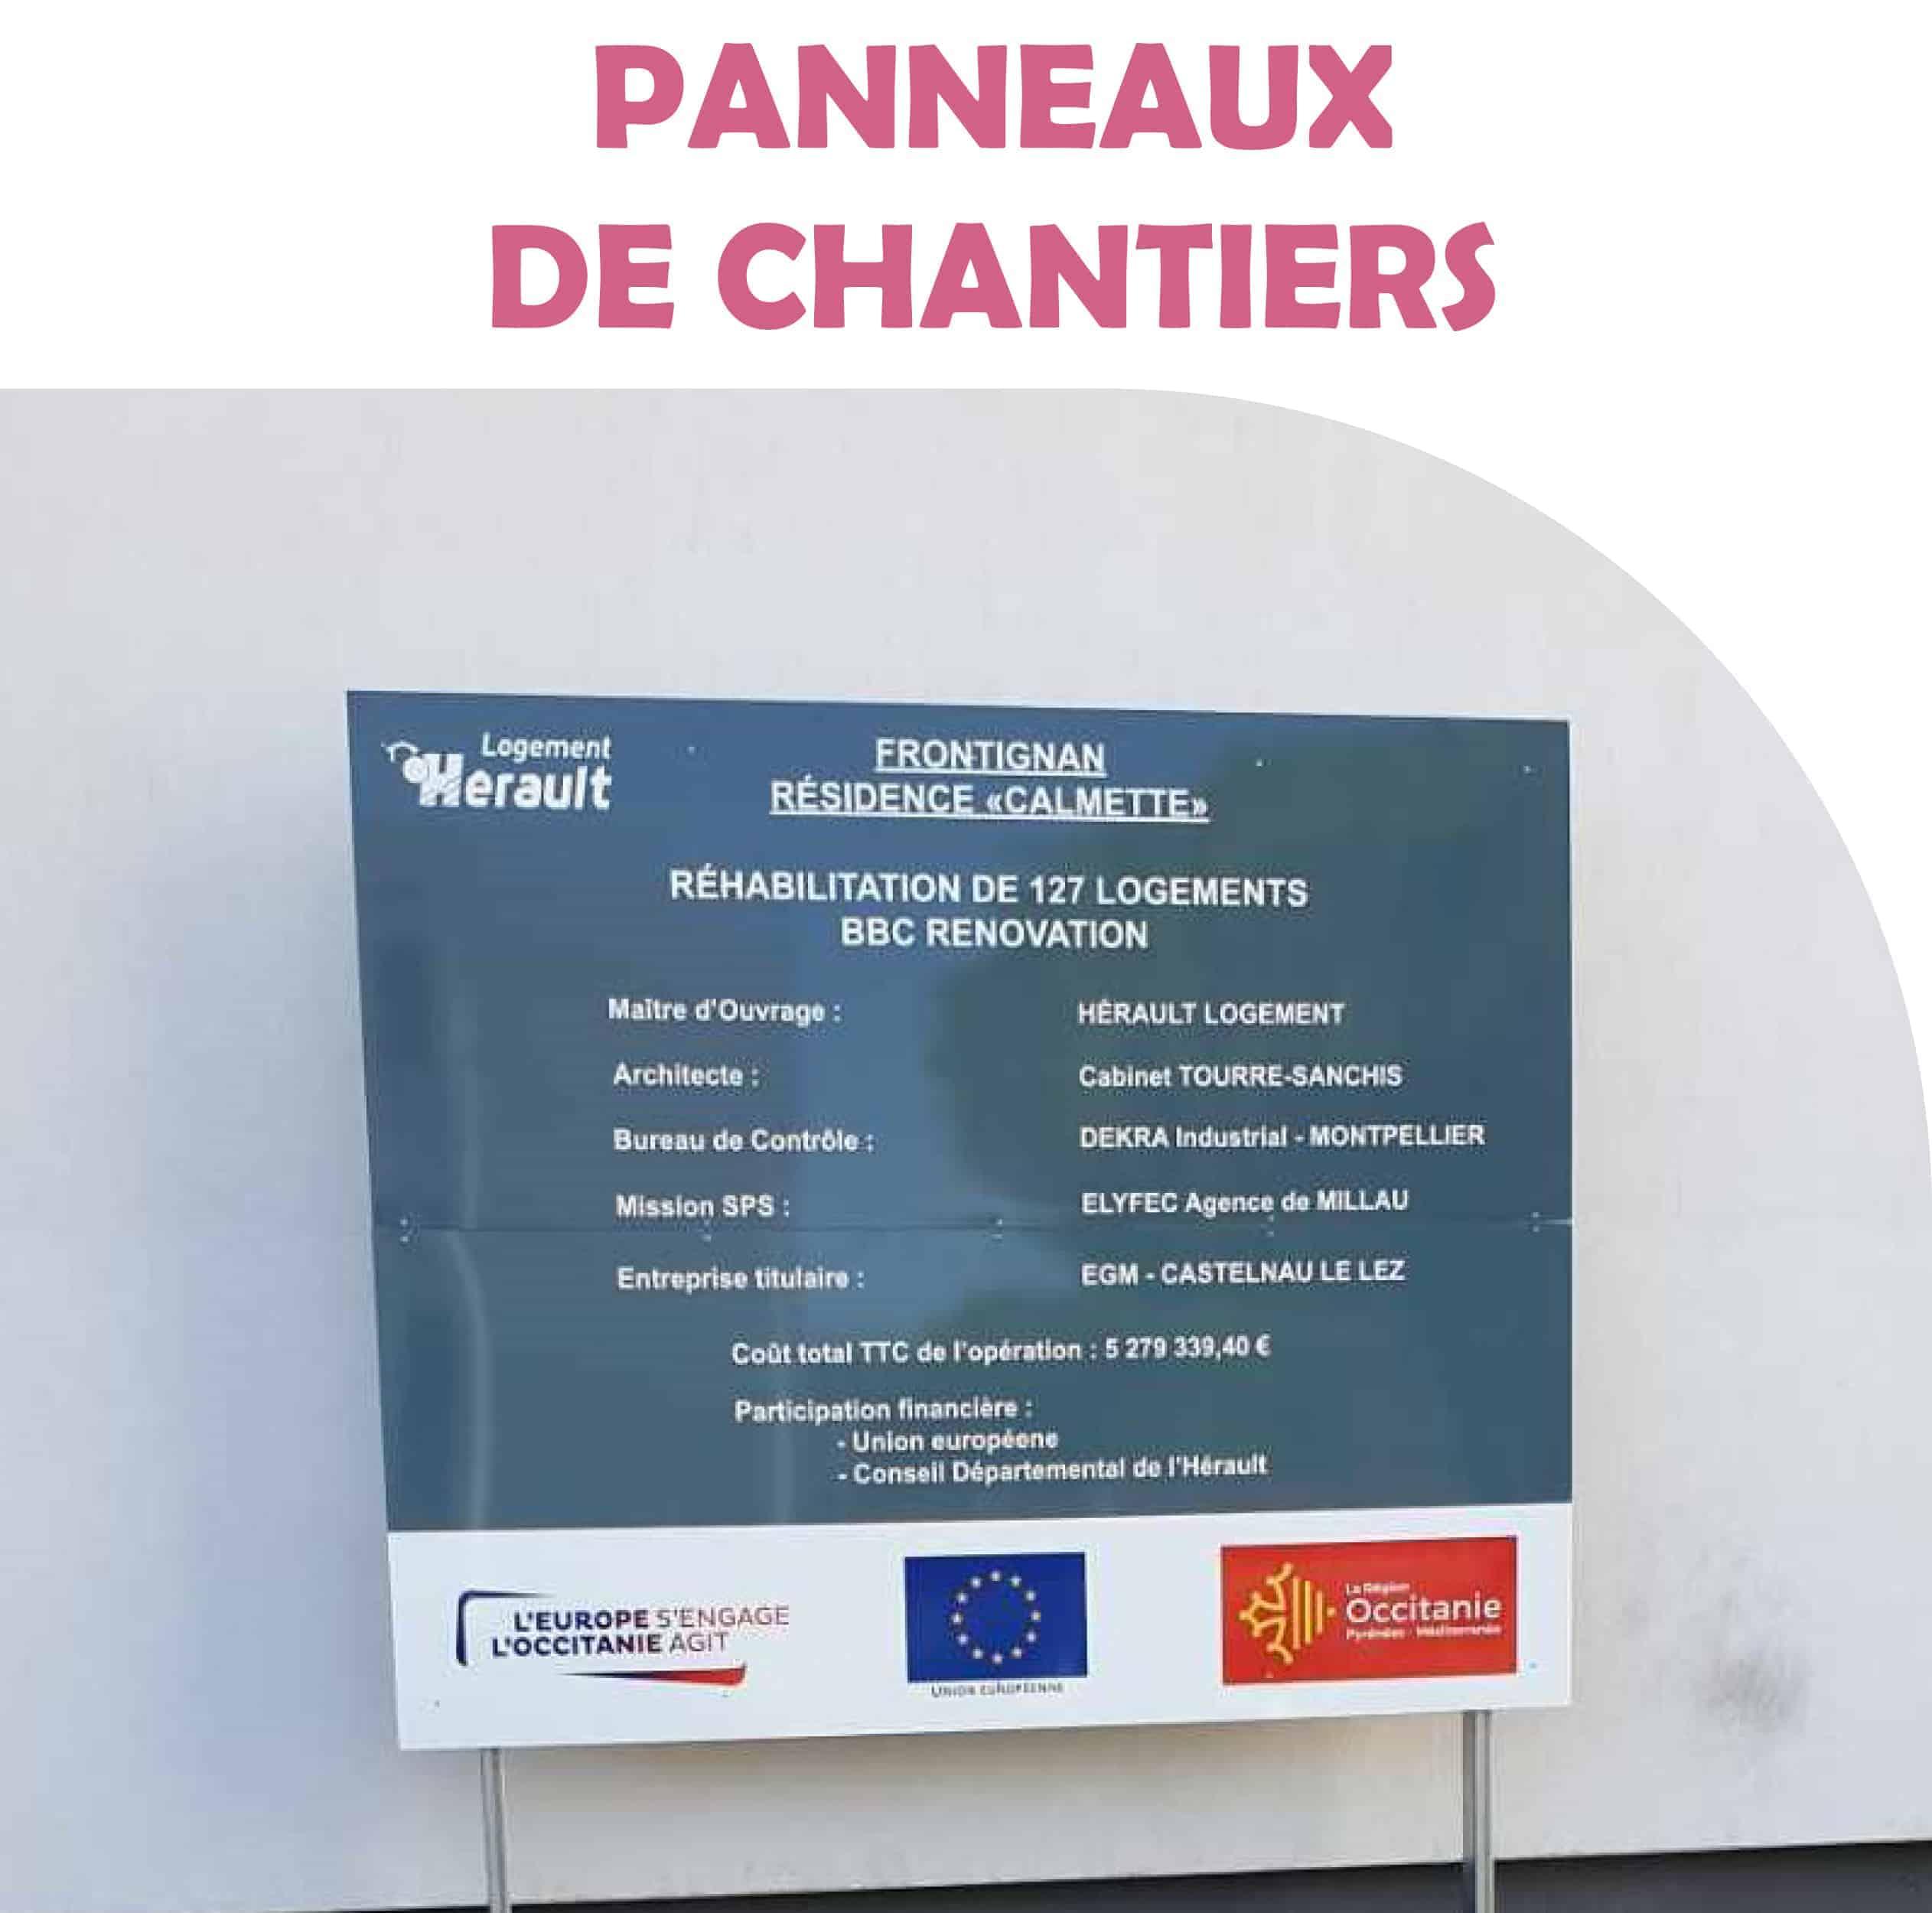 PANNEAUX DE CHANTIERS